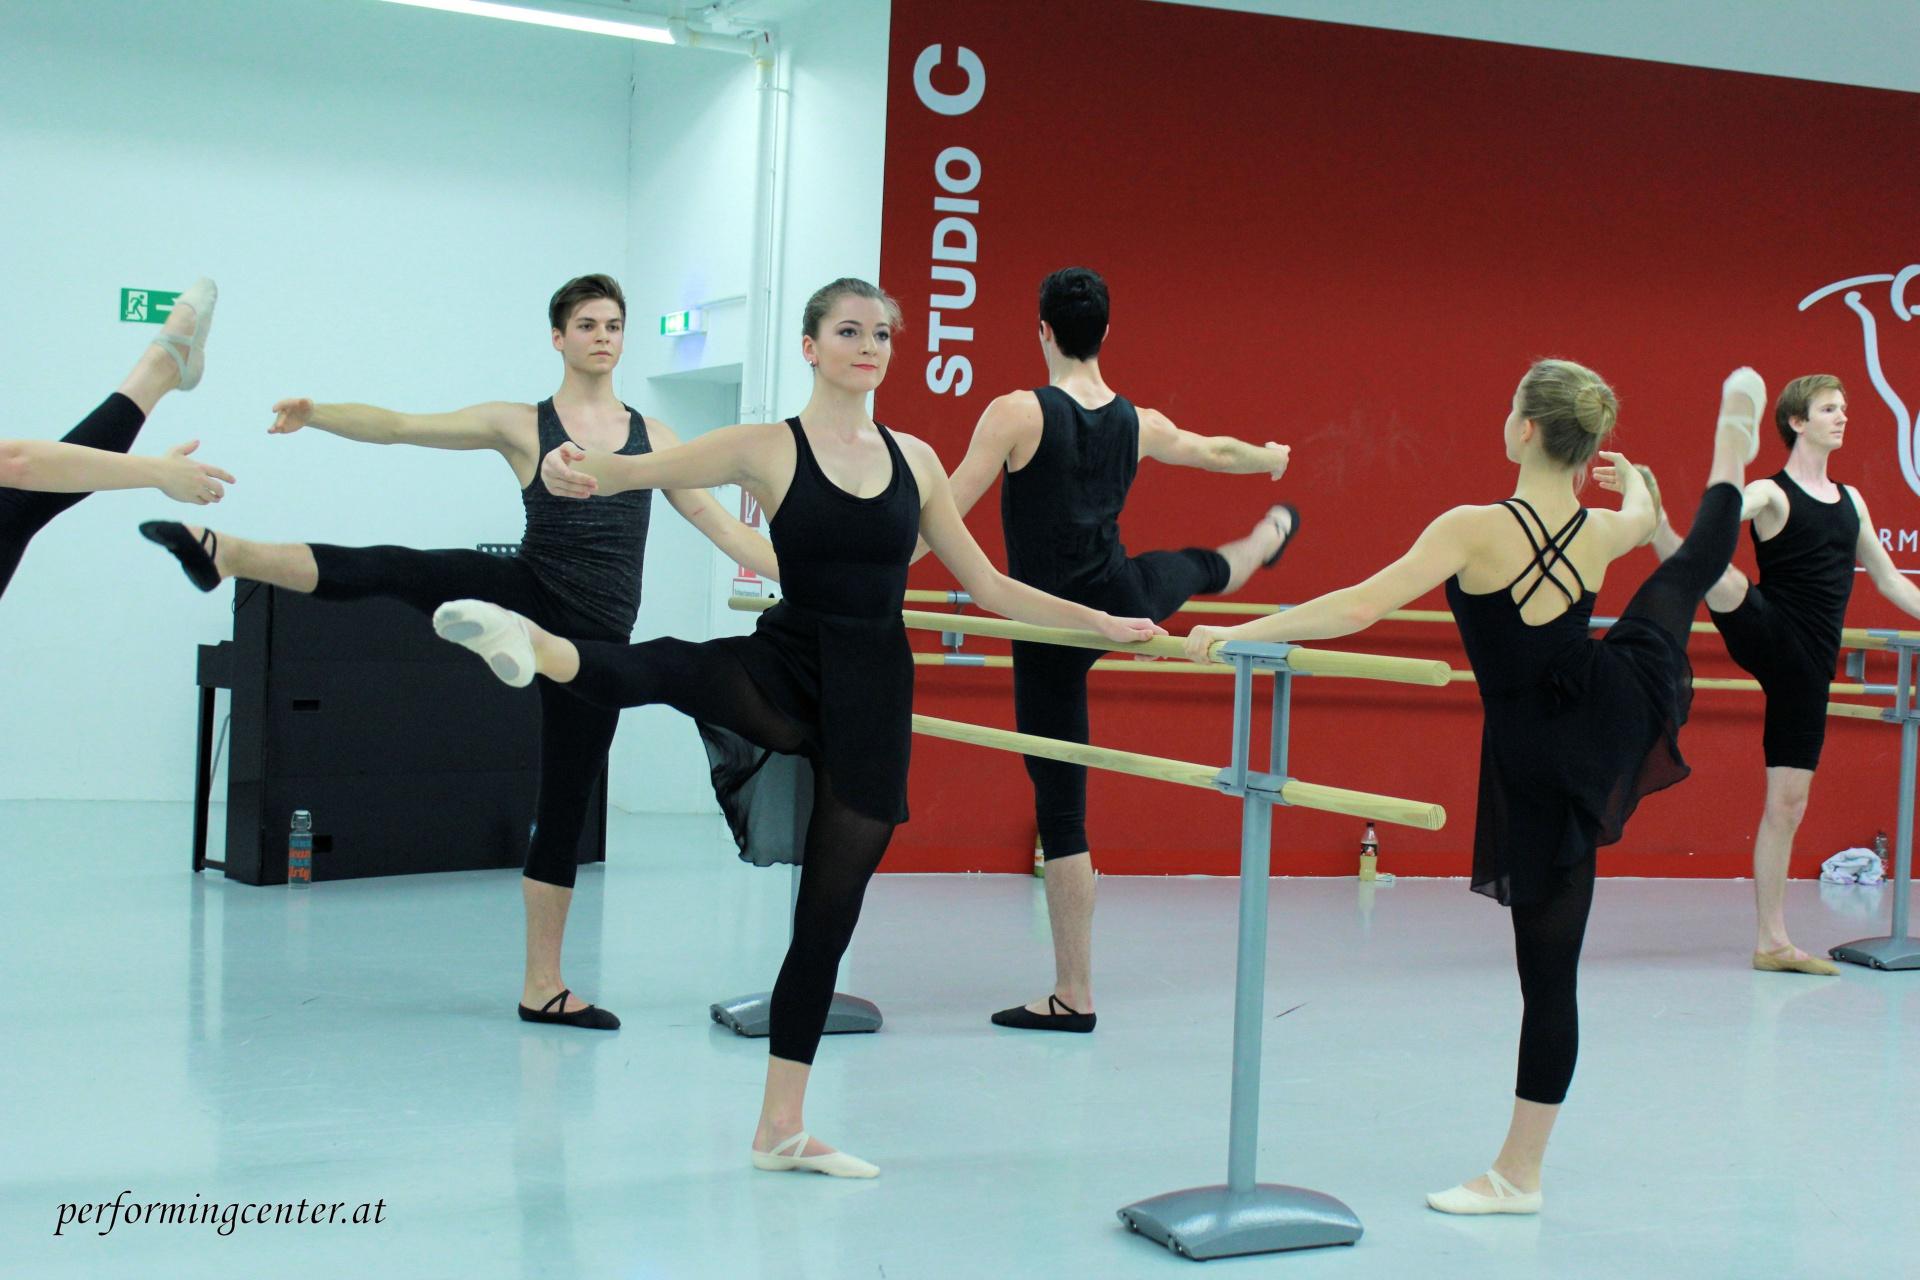 neue tanzkurse in ballett jazz hip hop und mehr performing center austria. Black Bedroom Furniture Sets. Home Design Ideas